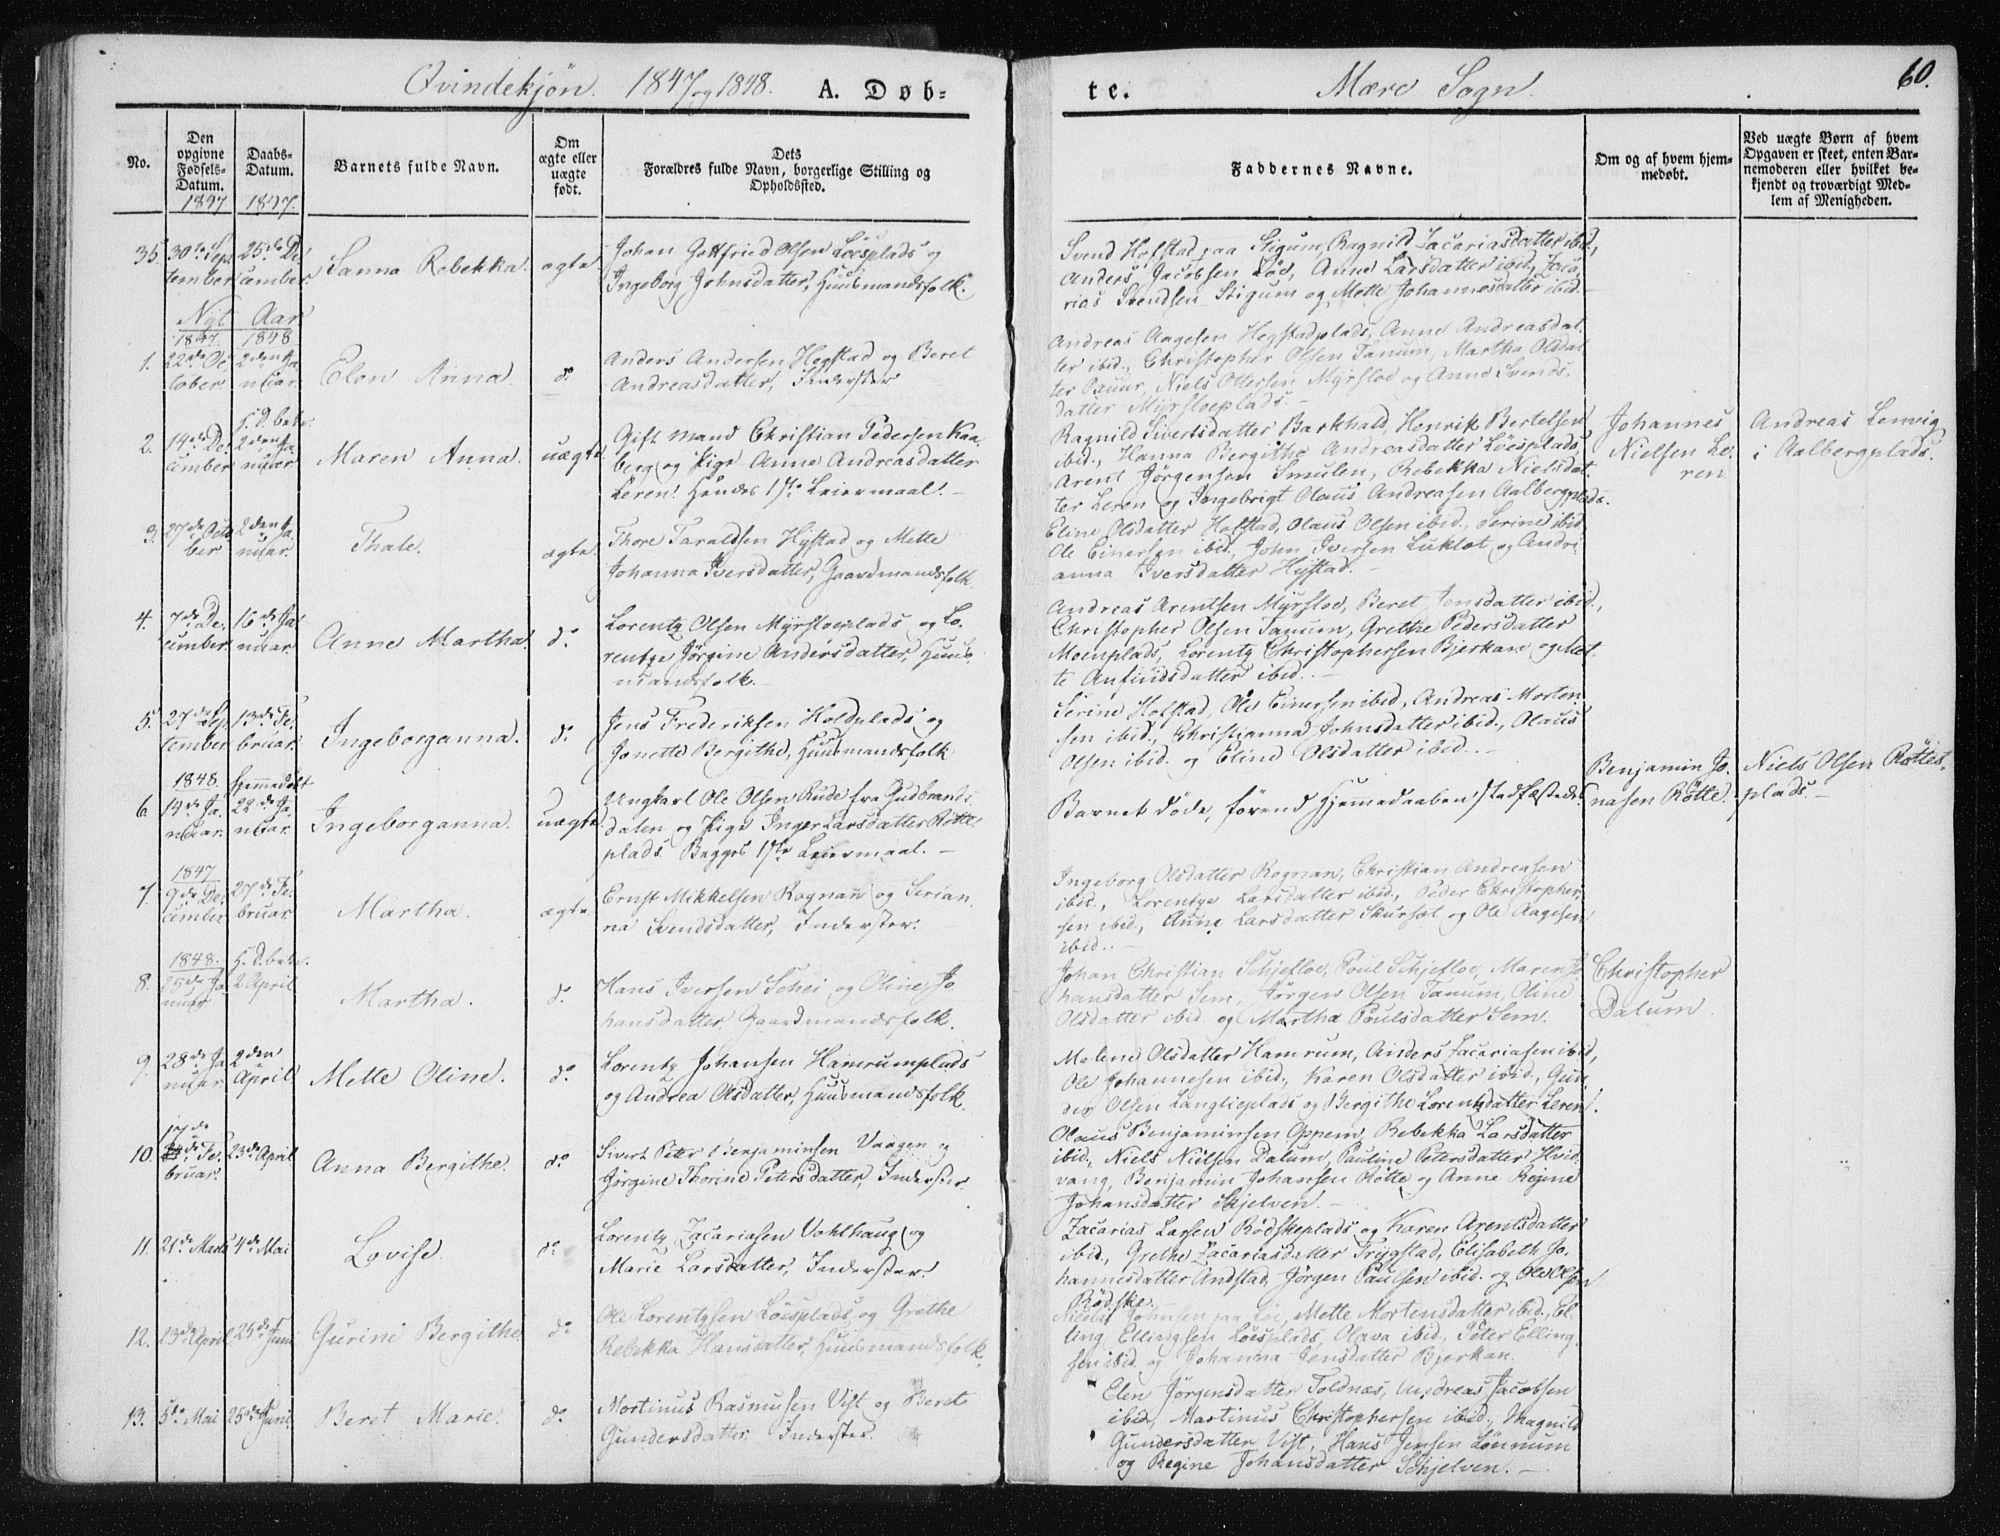 SAT, Ministerialprotokoller, klokkerbøker og fødselsregistre - Nord-Trøndelag, 735/L0339: Ministerialbok nr. 735A06 /1, 1836-1848, s. 60